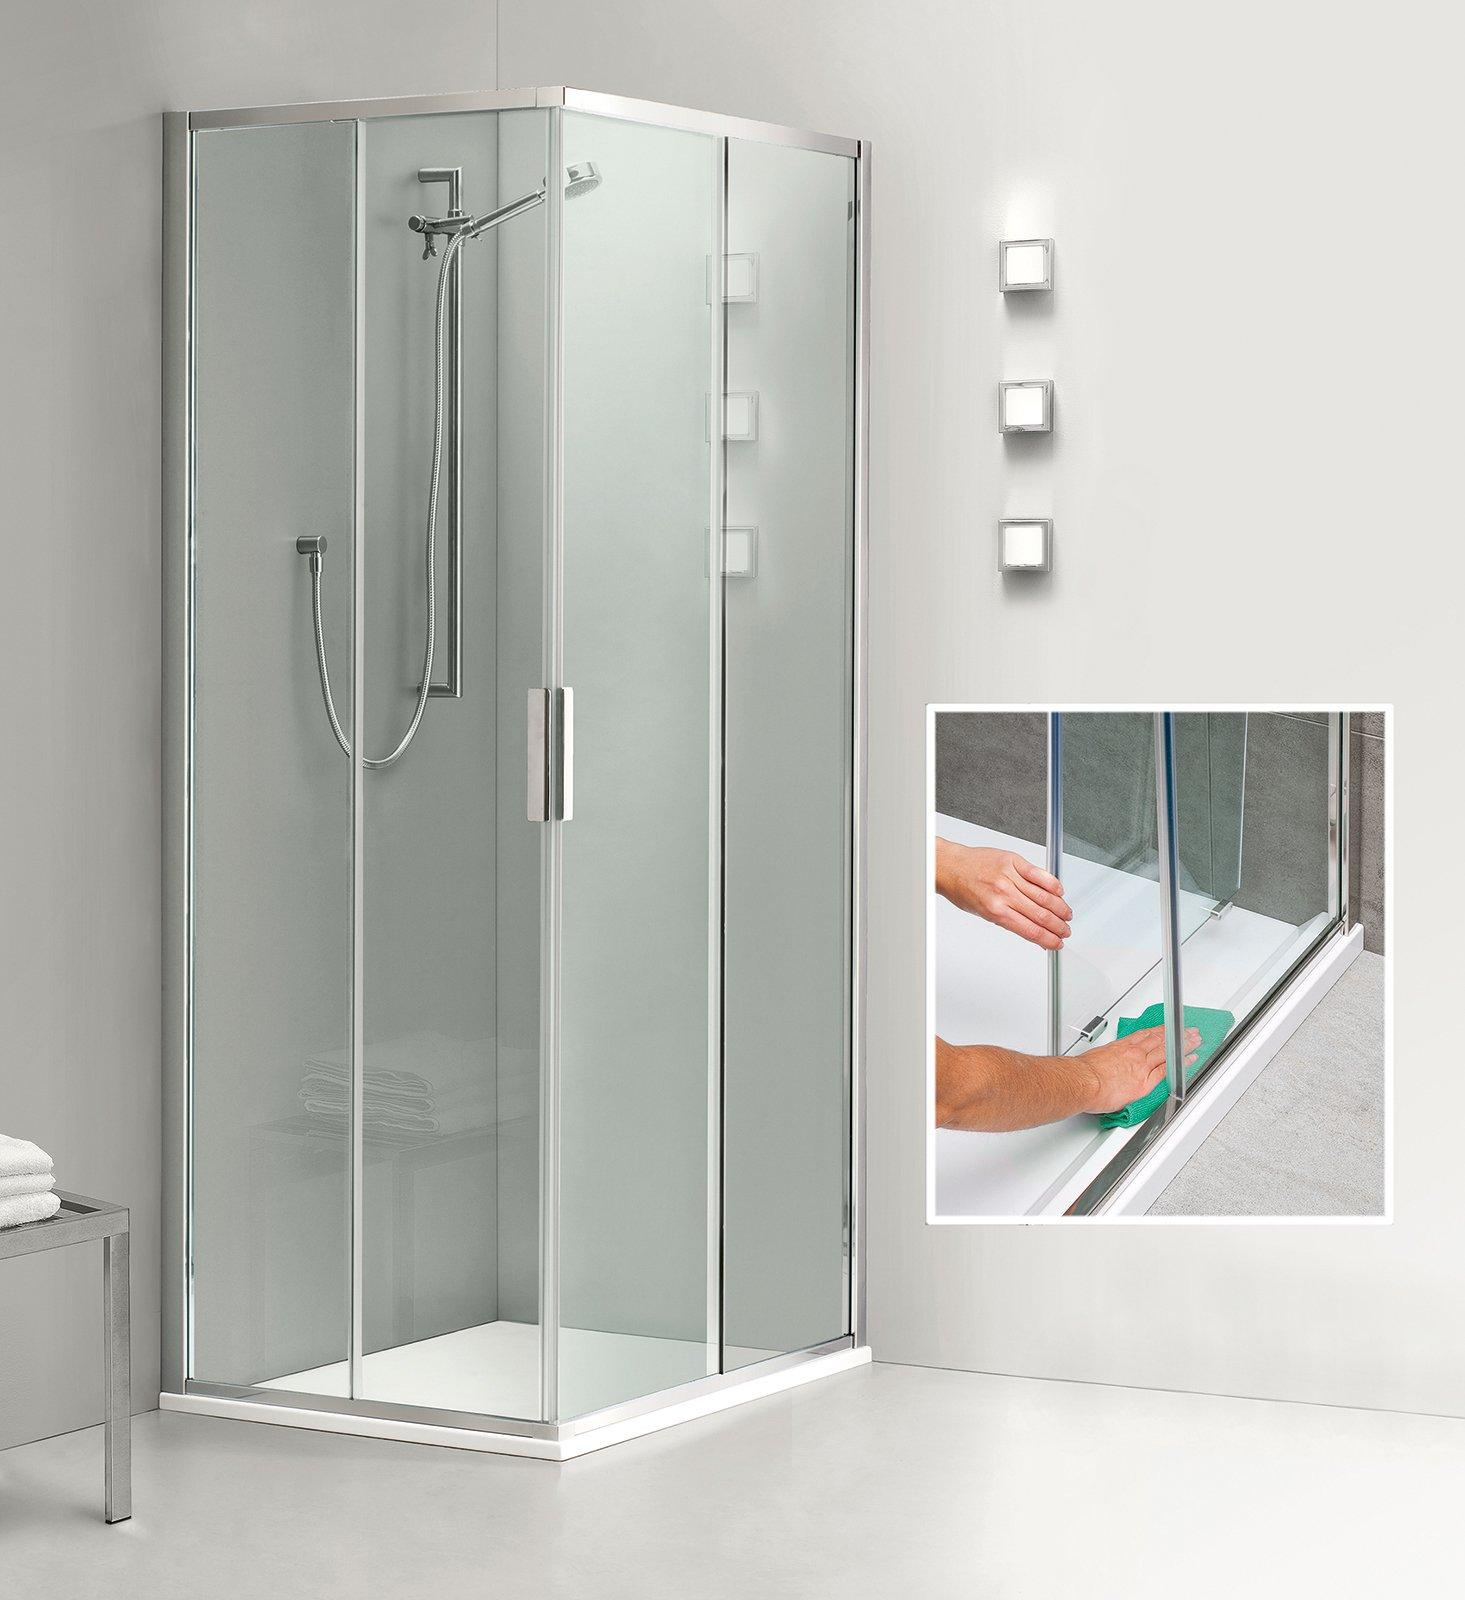 Box doccia quale chiusura scegliere cose di casa for Camminare attraverso la doccia alla vasca